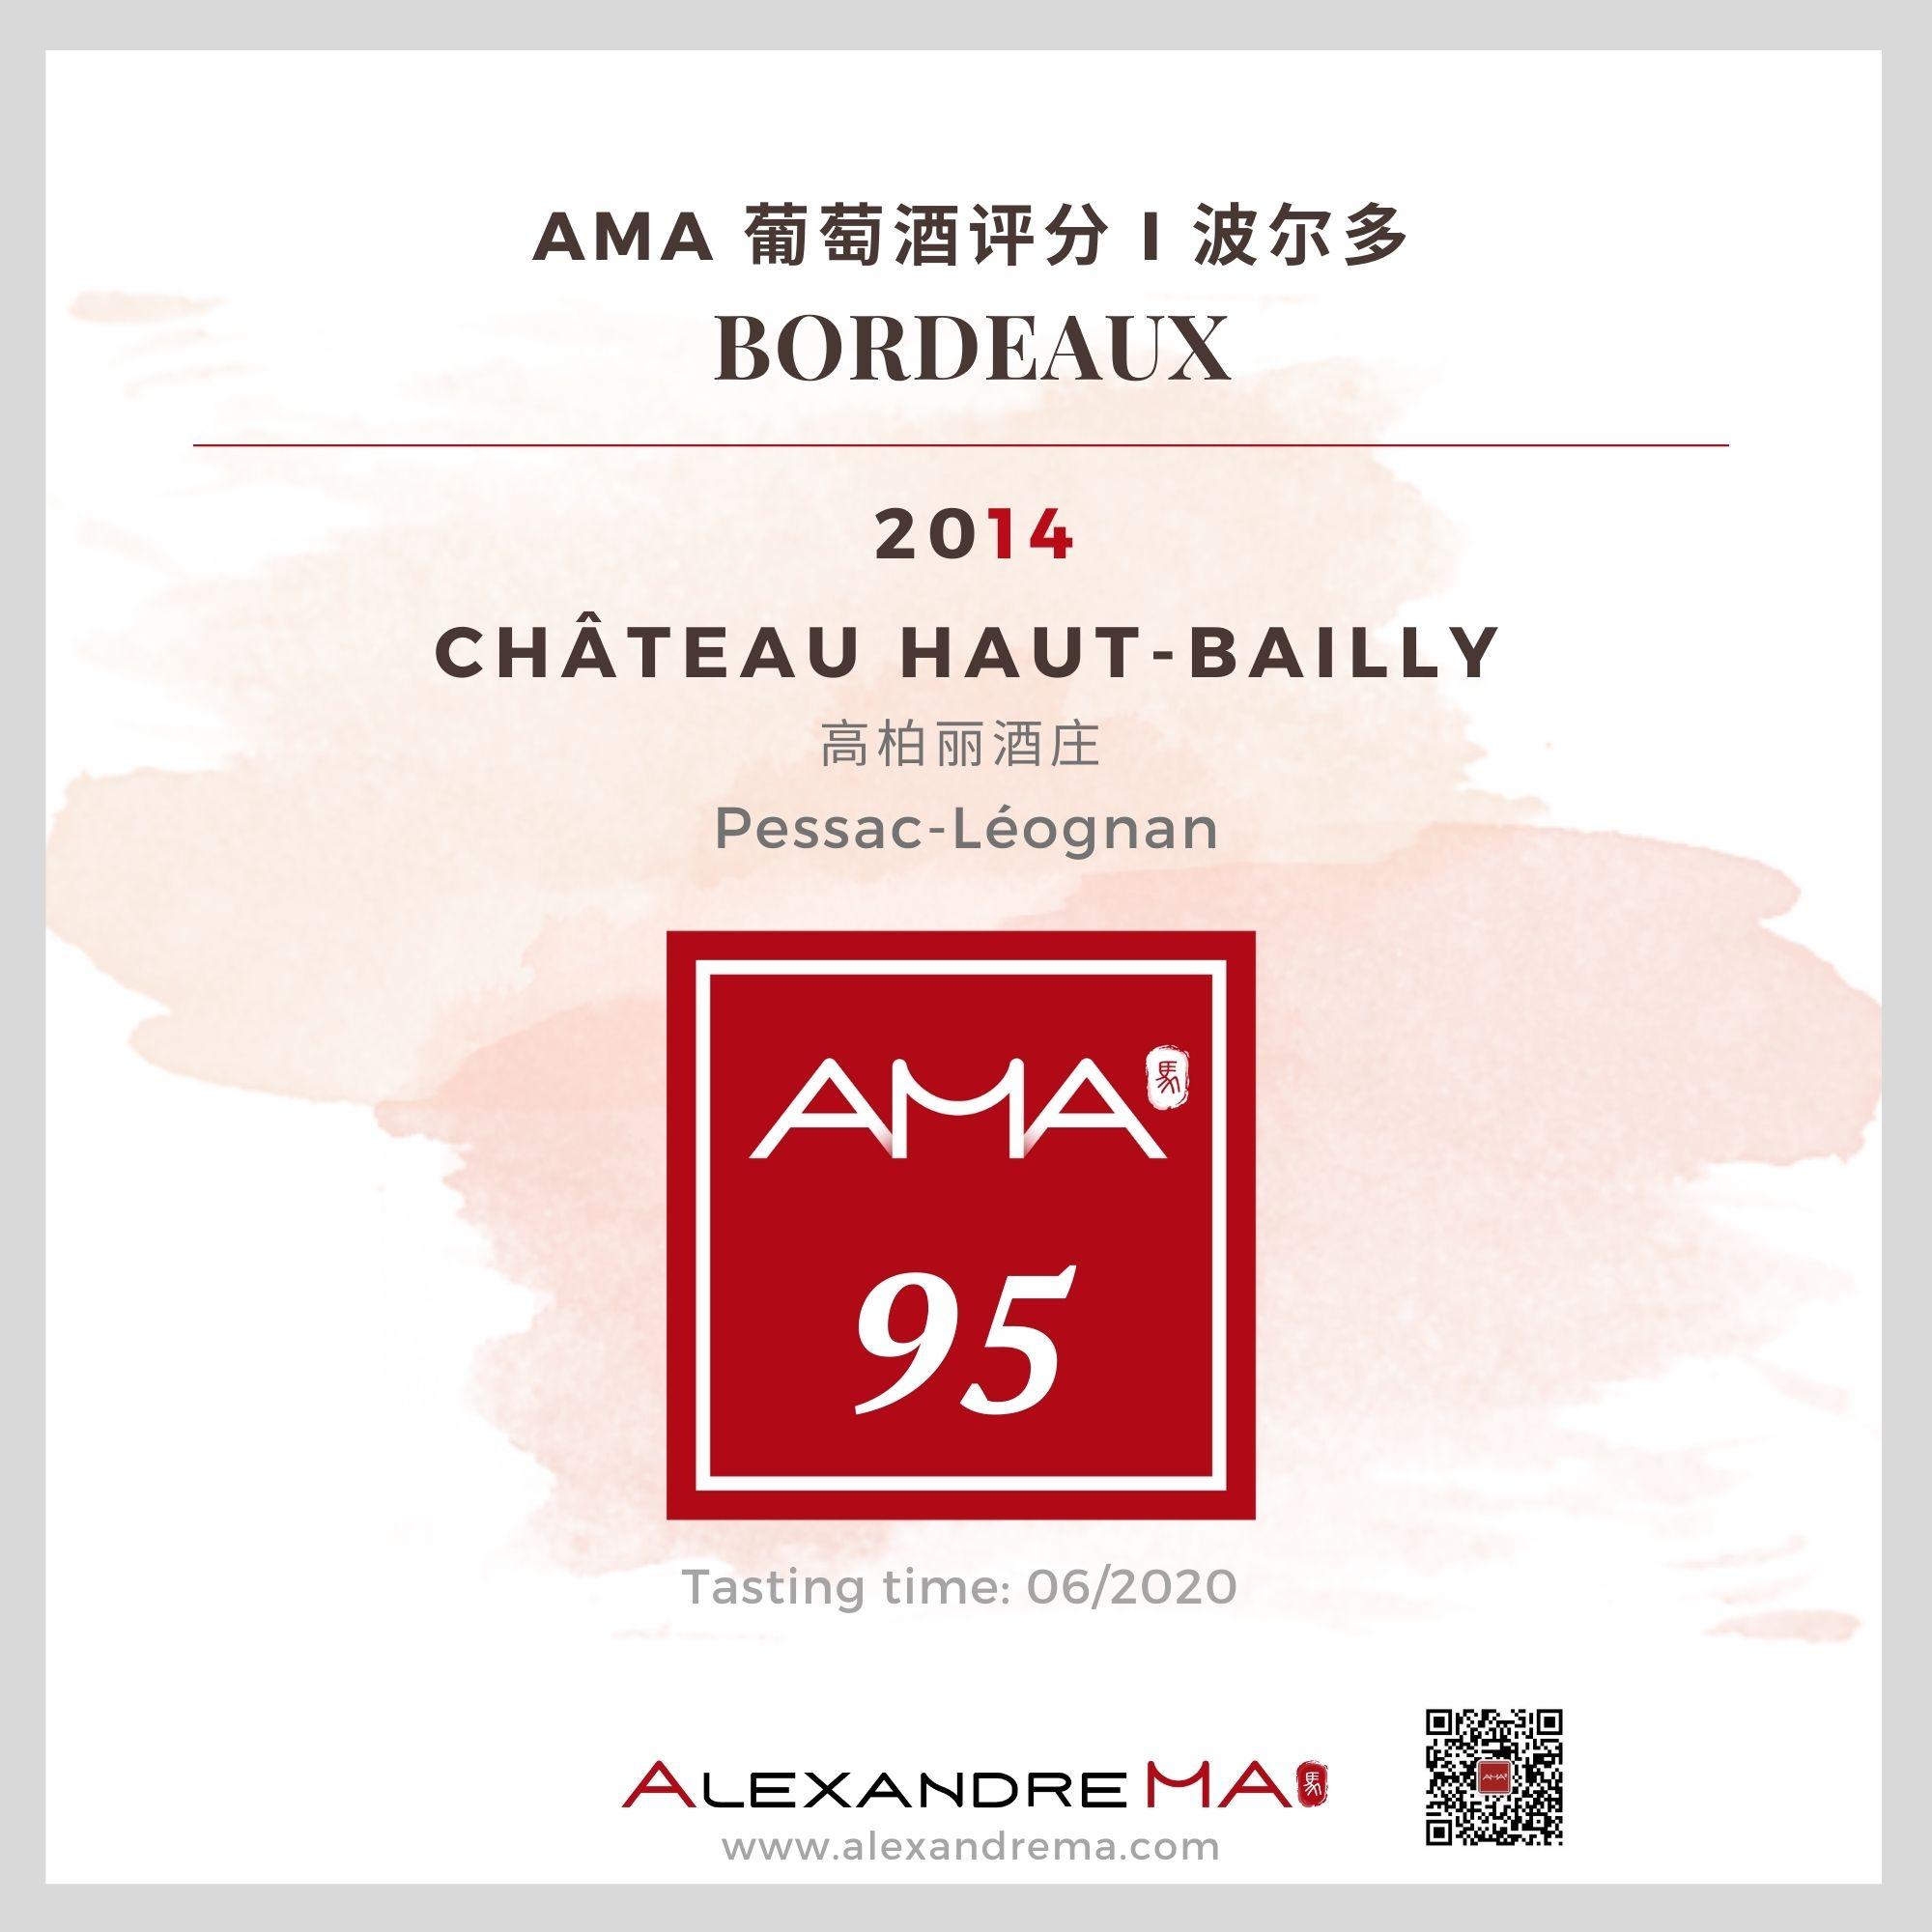 Château Haut-Bailly 2014 - Alexandre MA